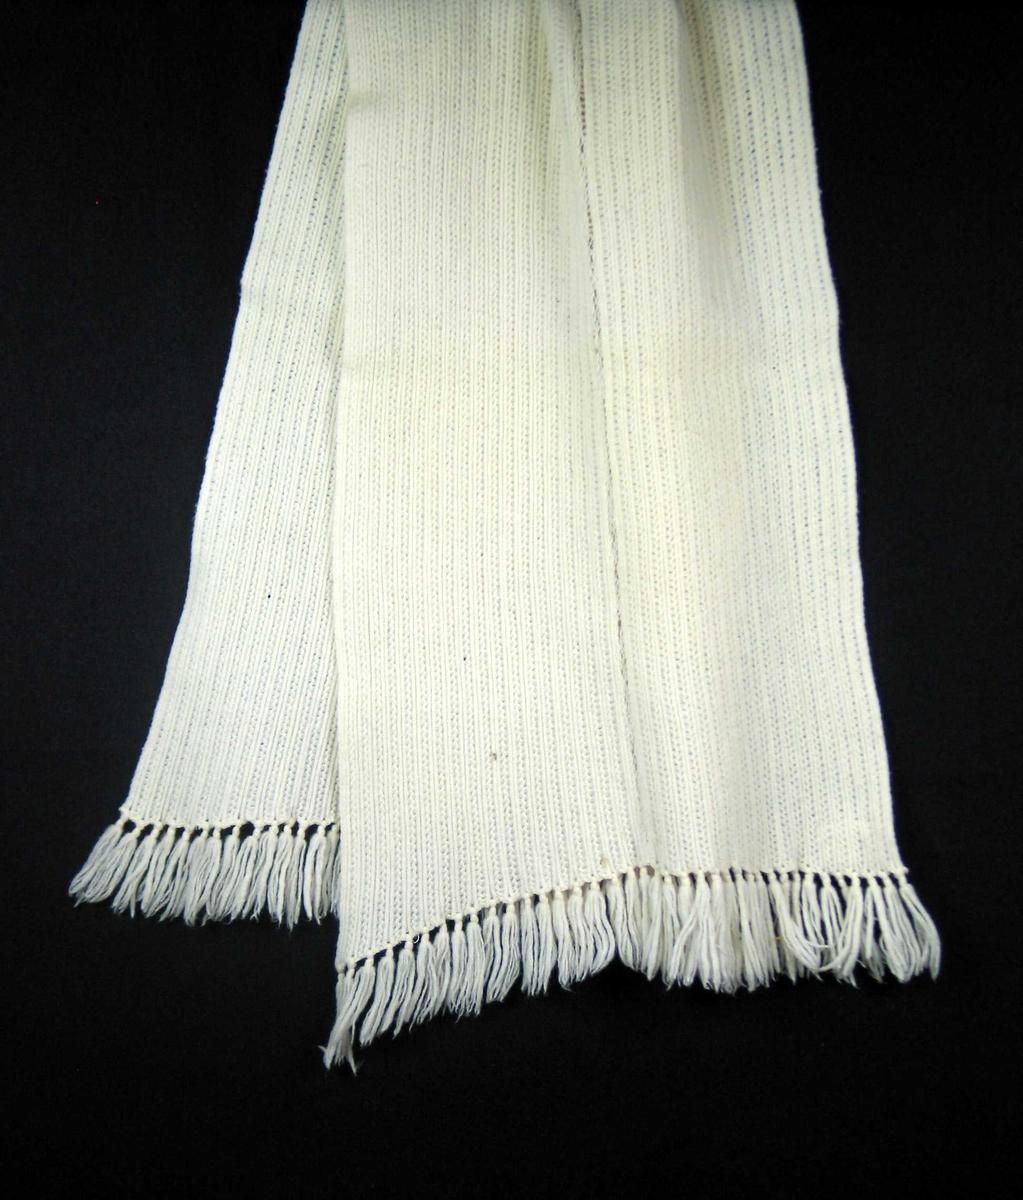 Hvitt maskinstrikket skjerf med langsgående ribber. Skjerfet er sydd sammen av to lengder. Tverrkanten er sydd med overkastingsmaskin og påsatt frynser med en knute.